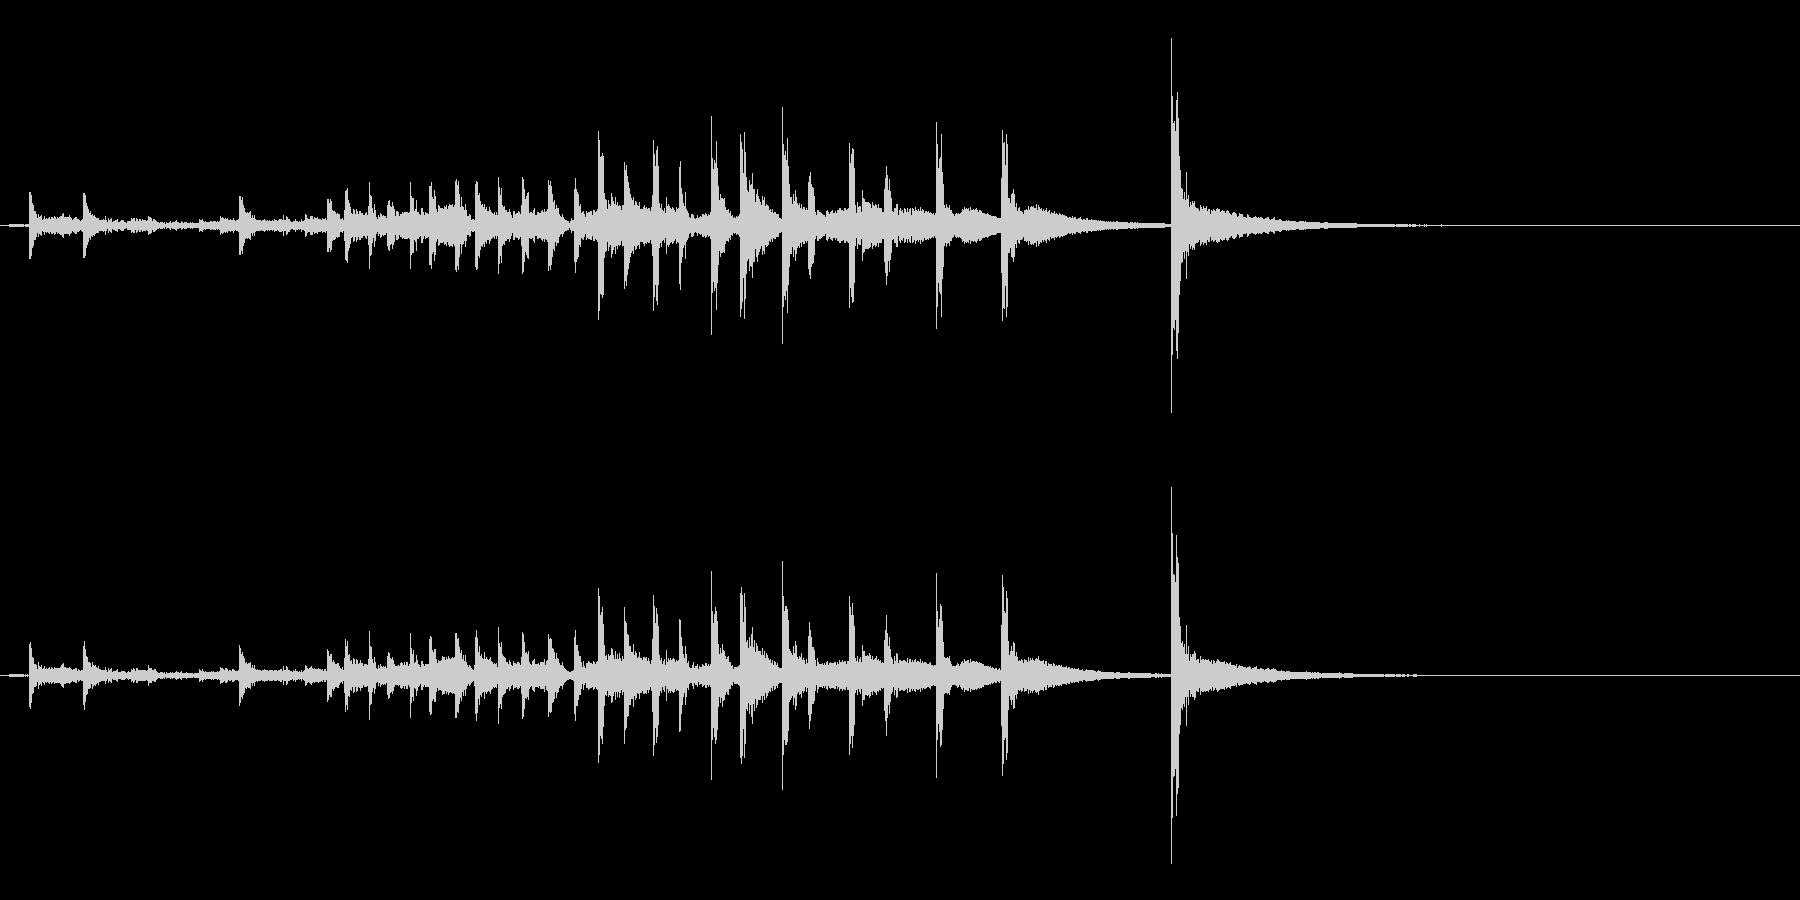 うちわ太皷の連打のフレーズ音+Fxの未再生の波形